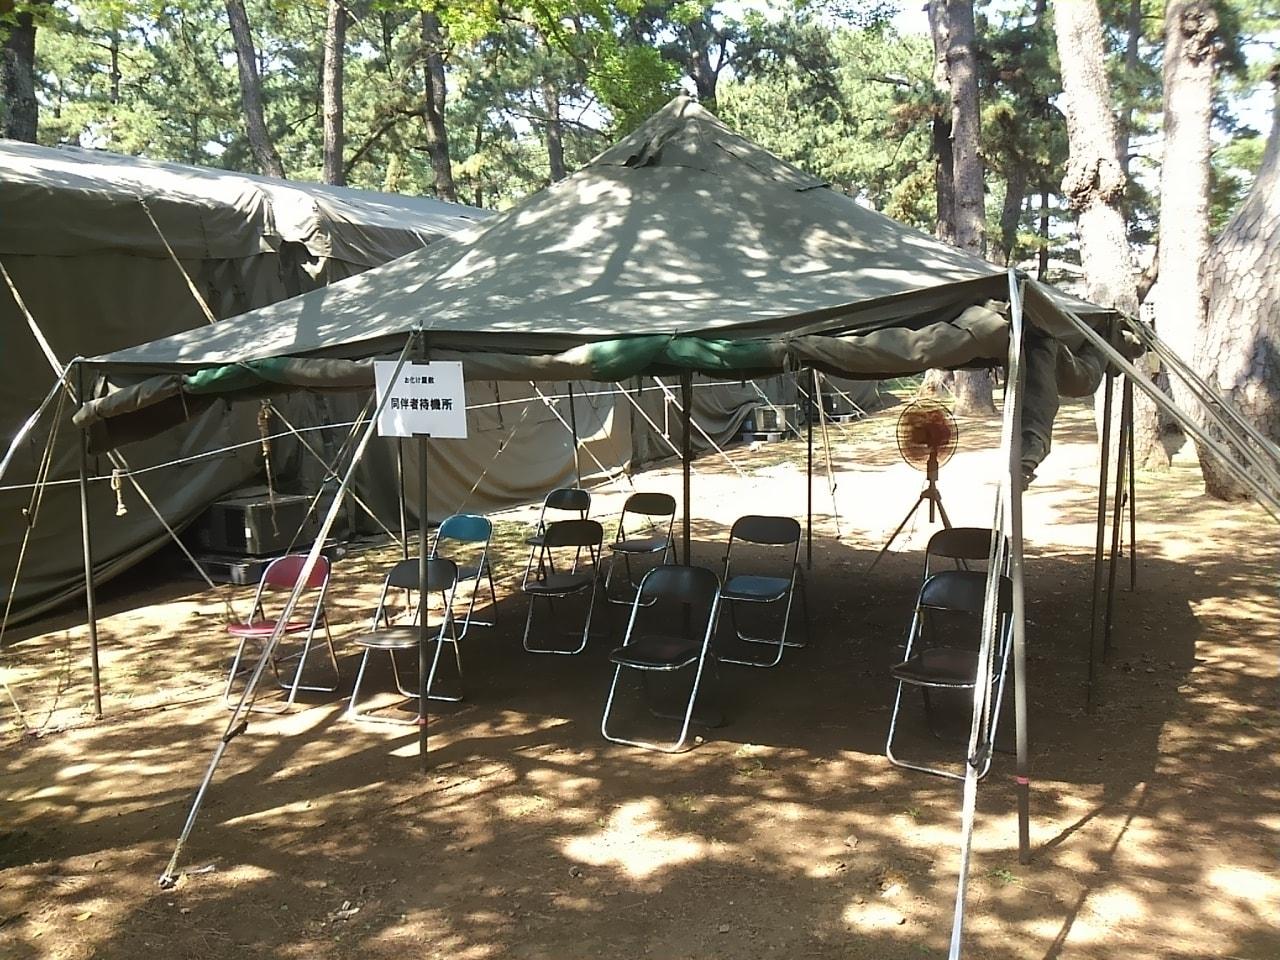 習志野駐屯地の夏祭りのお化け屋敷待機所